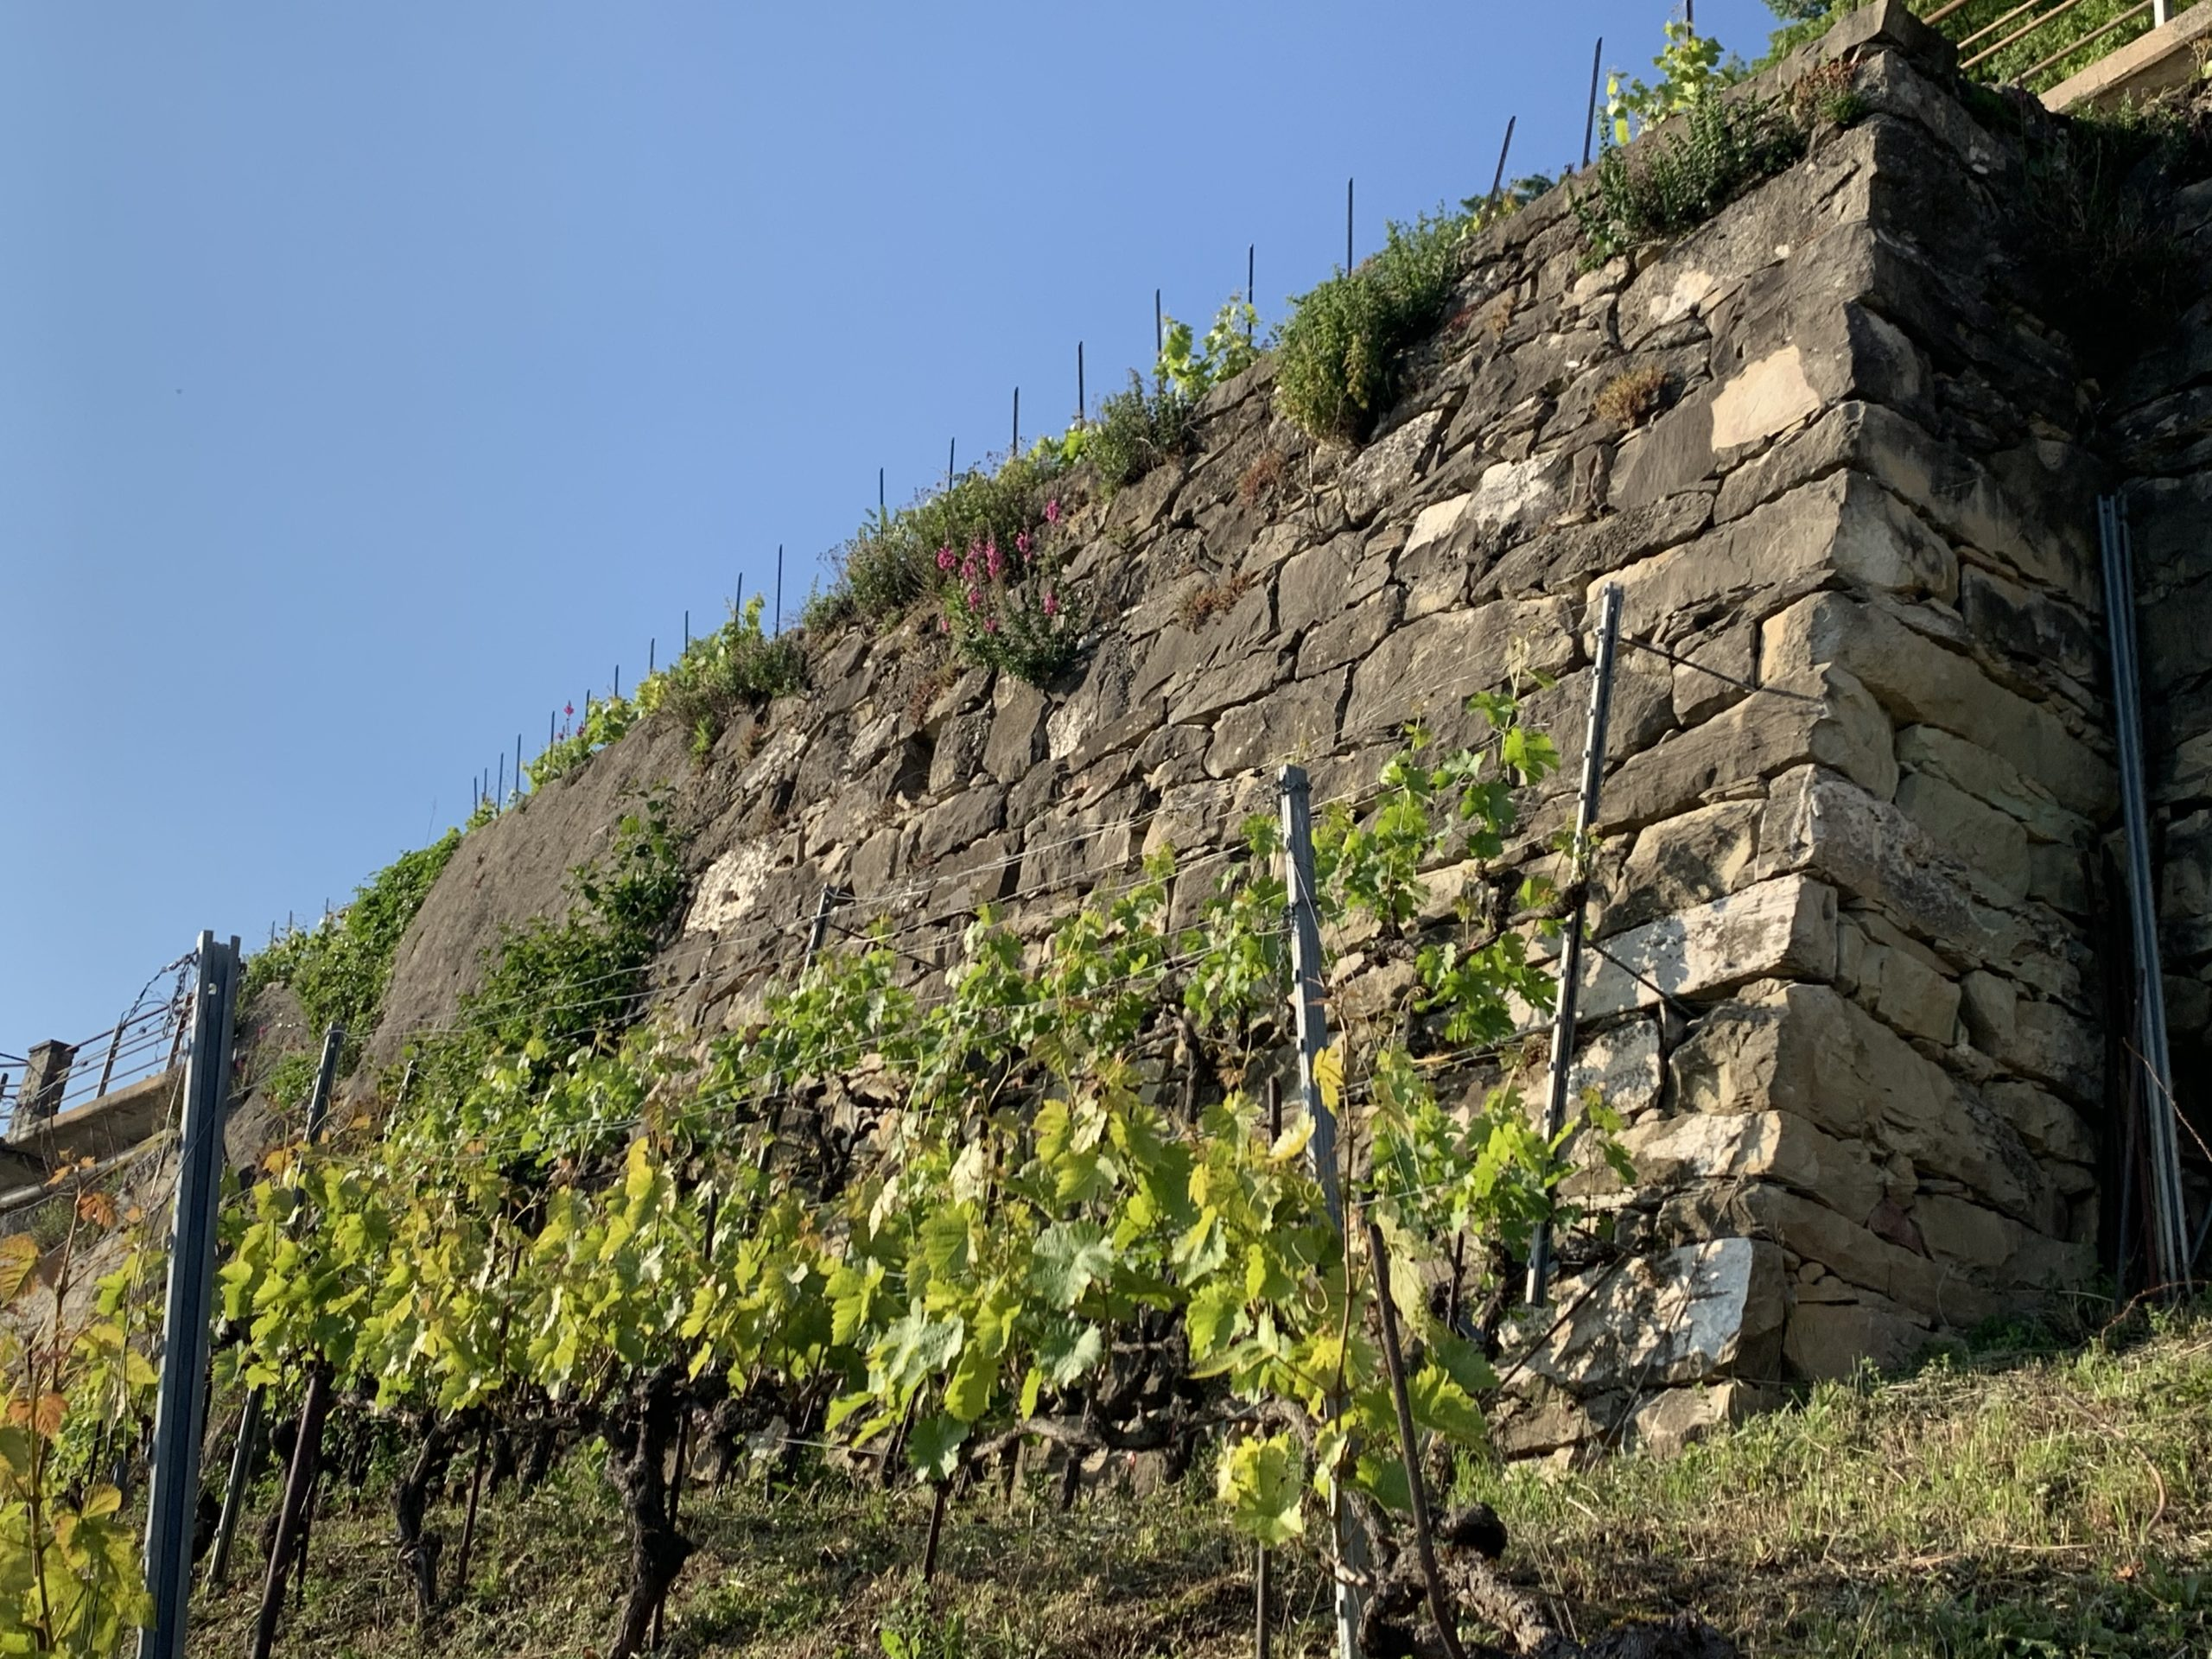 Mur dans le haut de Pierre, Blaise Duboux